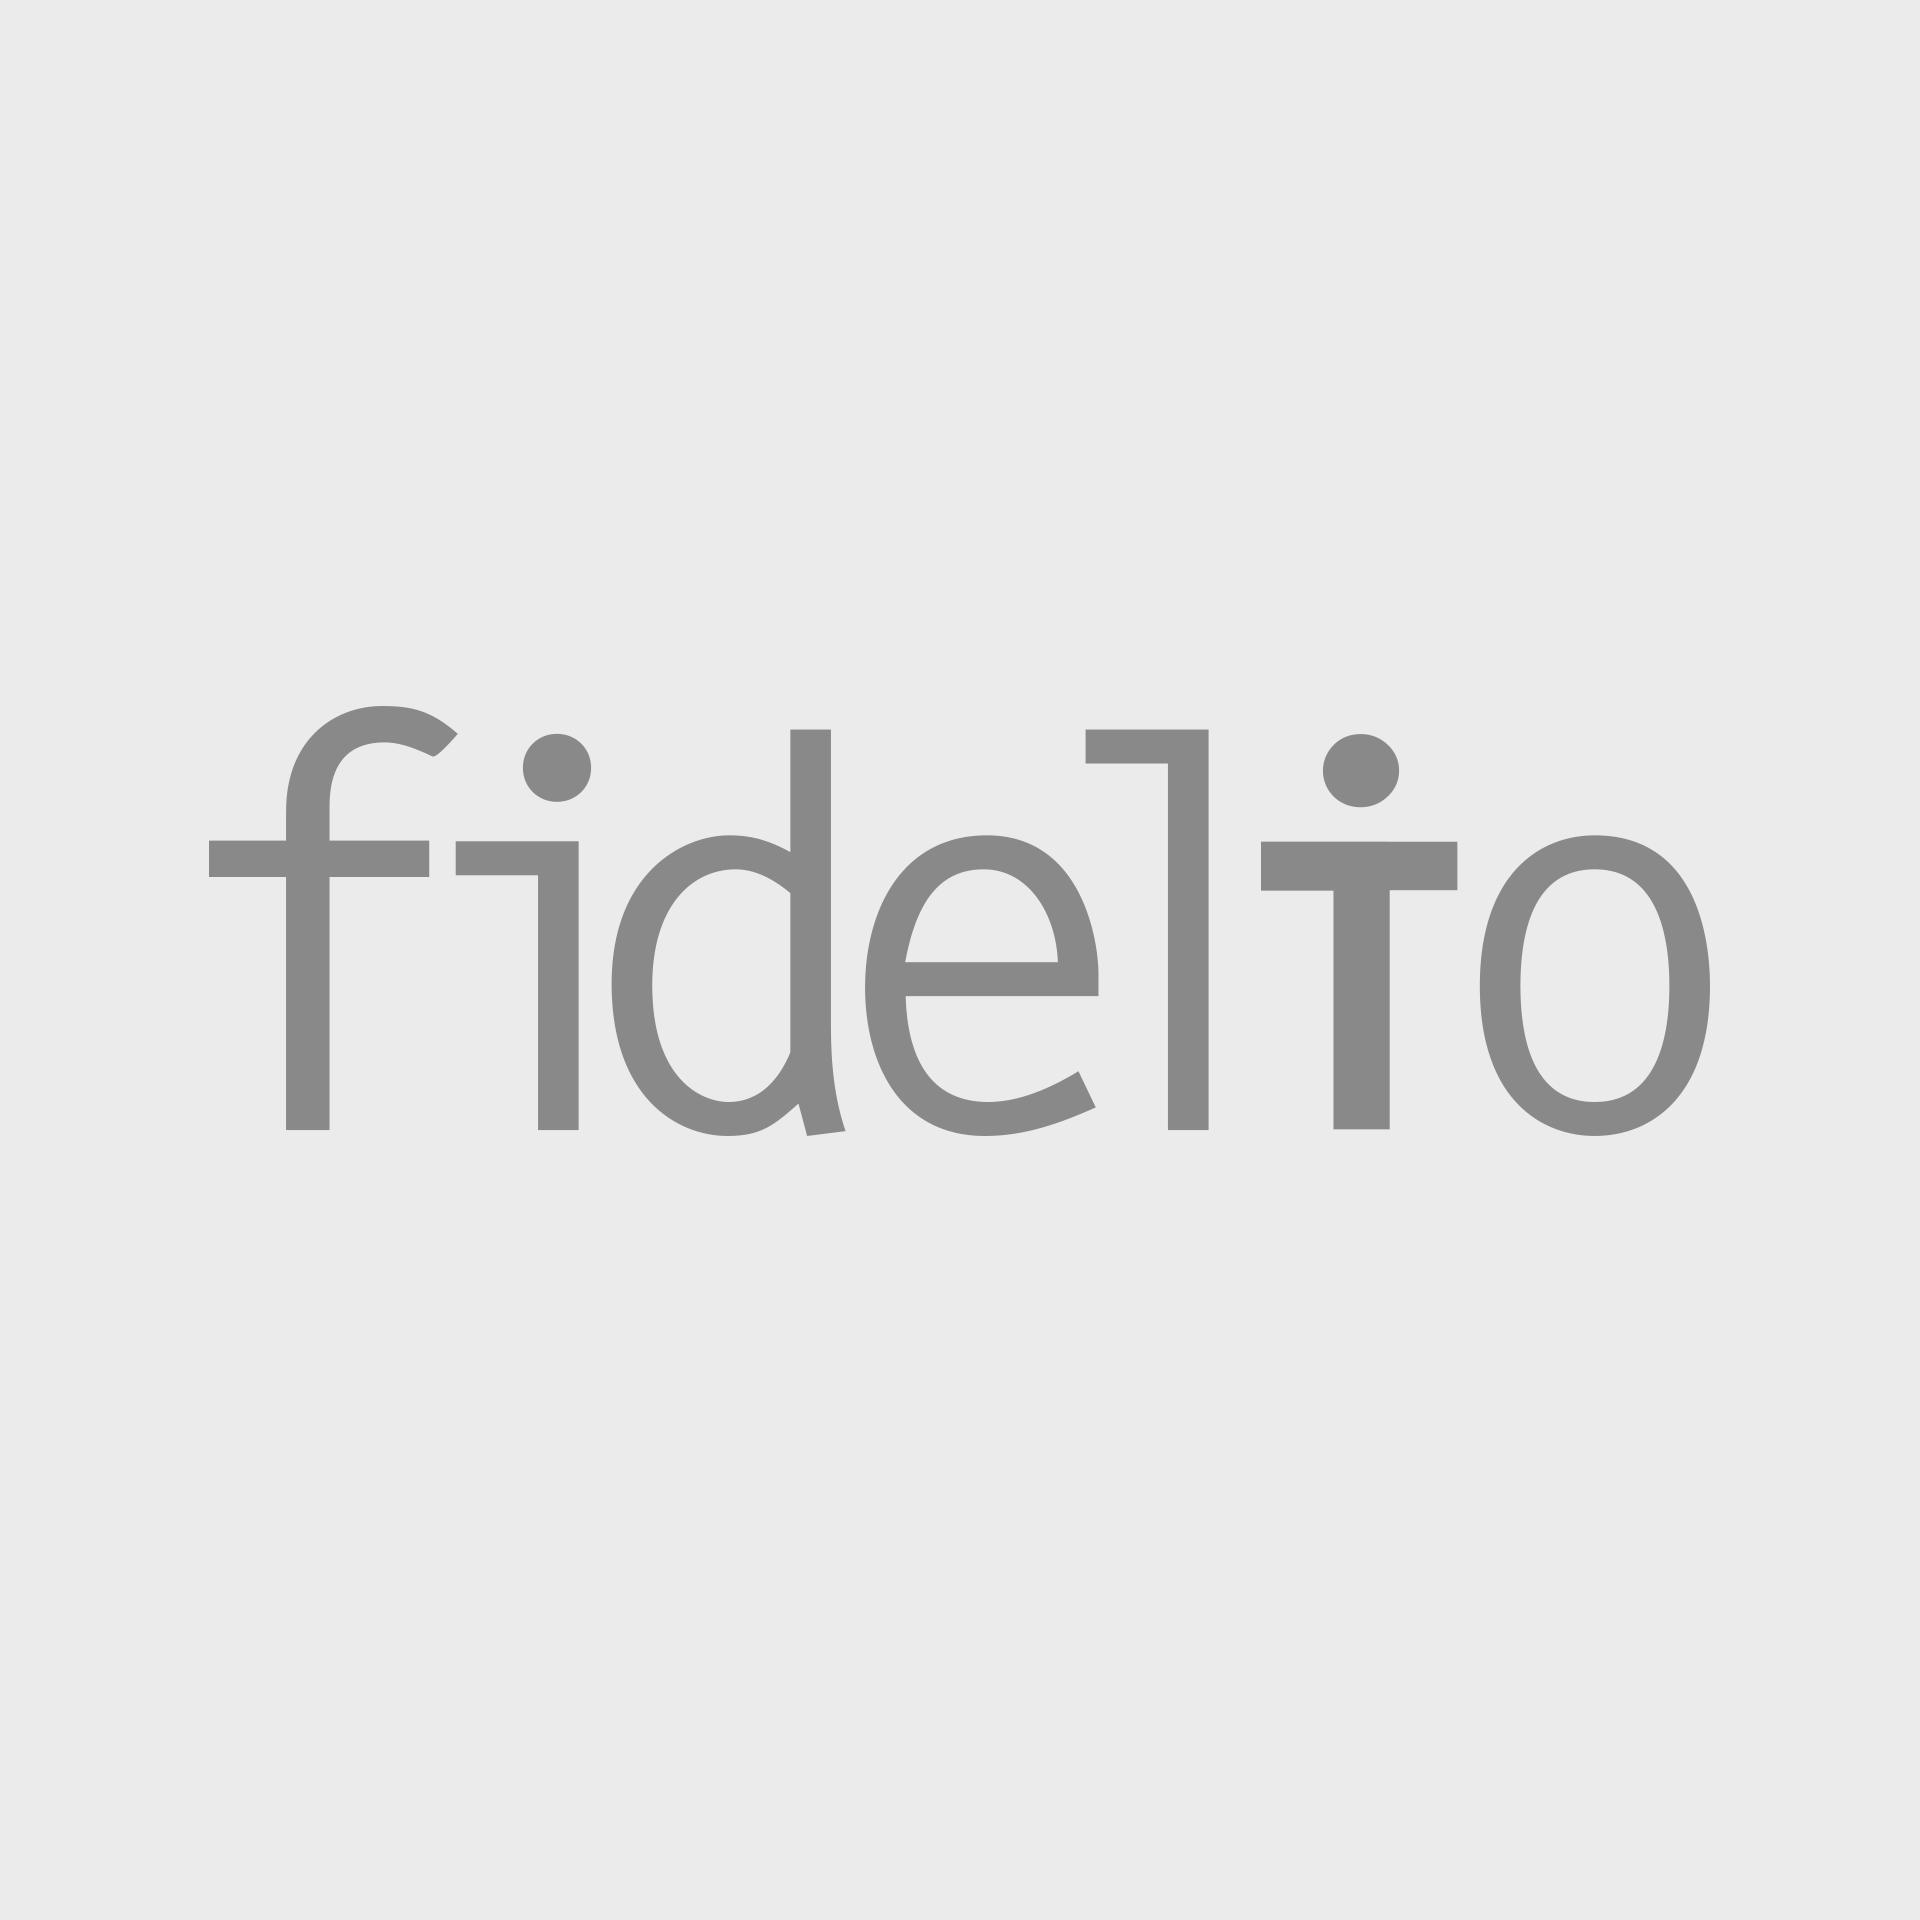 fischer-091644.jpg